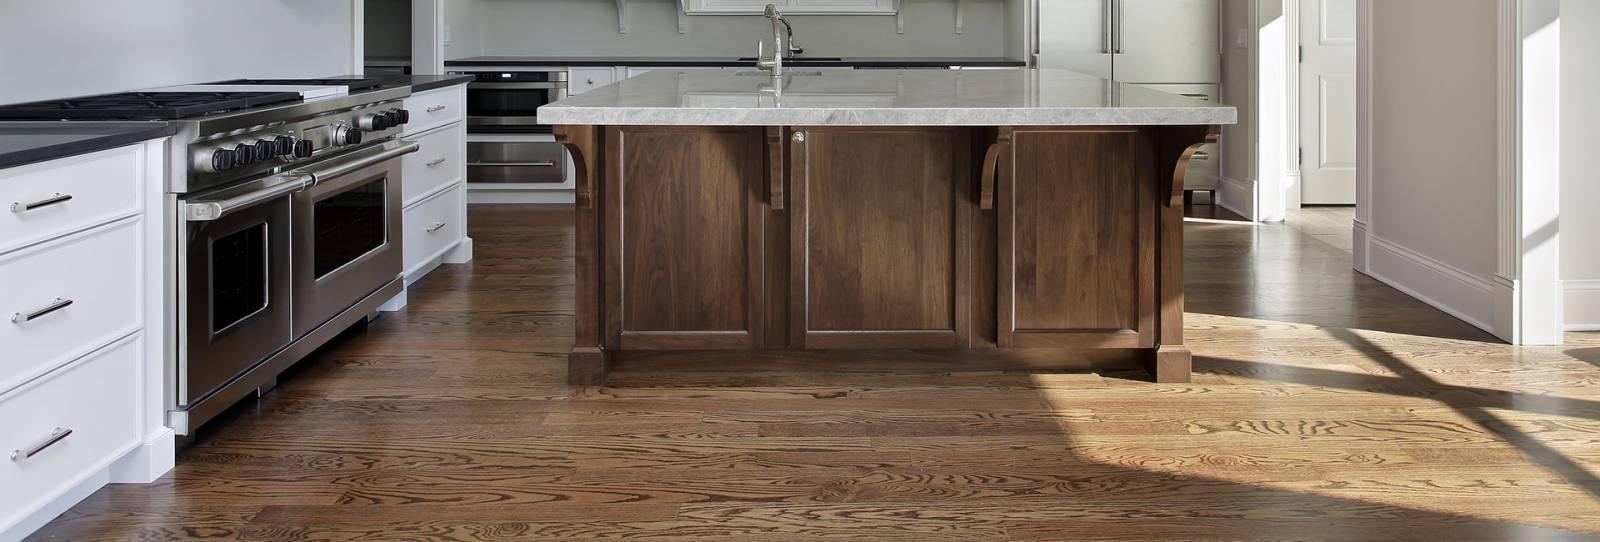 hardwood-floor-refinishing